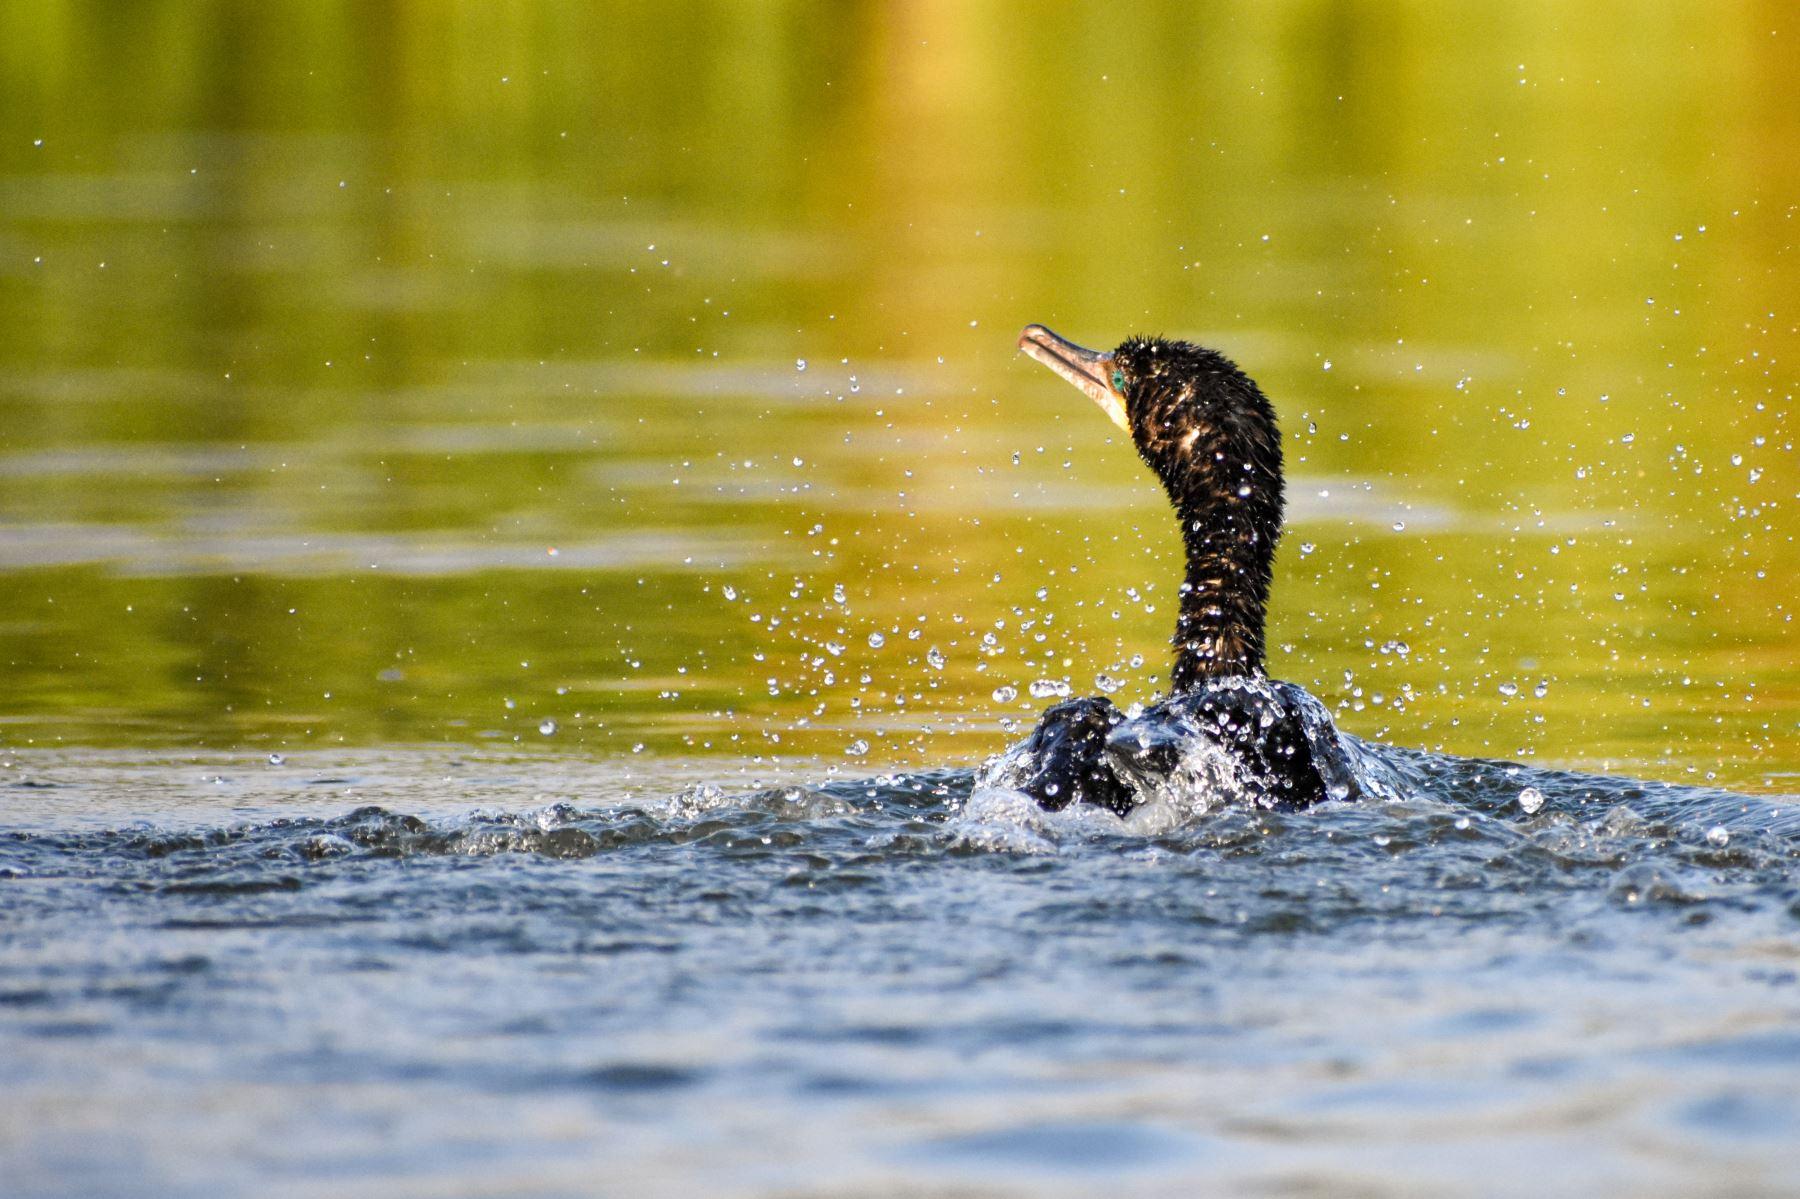 Estudiantes podrán aprender sobre ecoturismo y cuidado del medio ambiente en Pantanos de Villa. Foto: Andina/Difusión